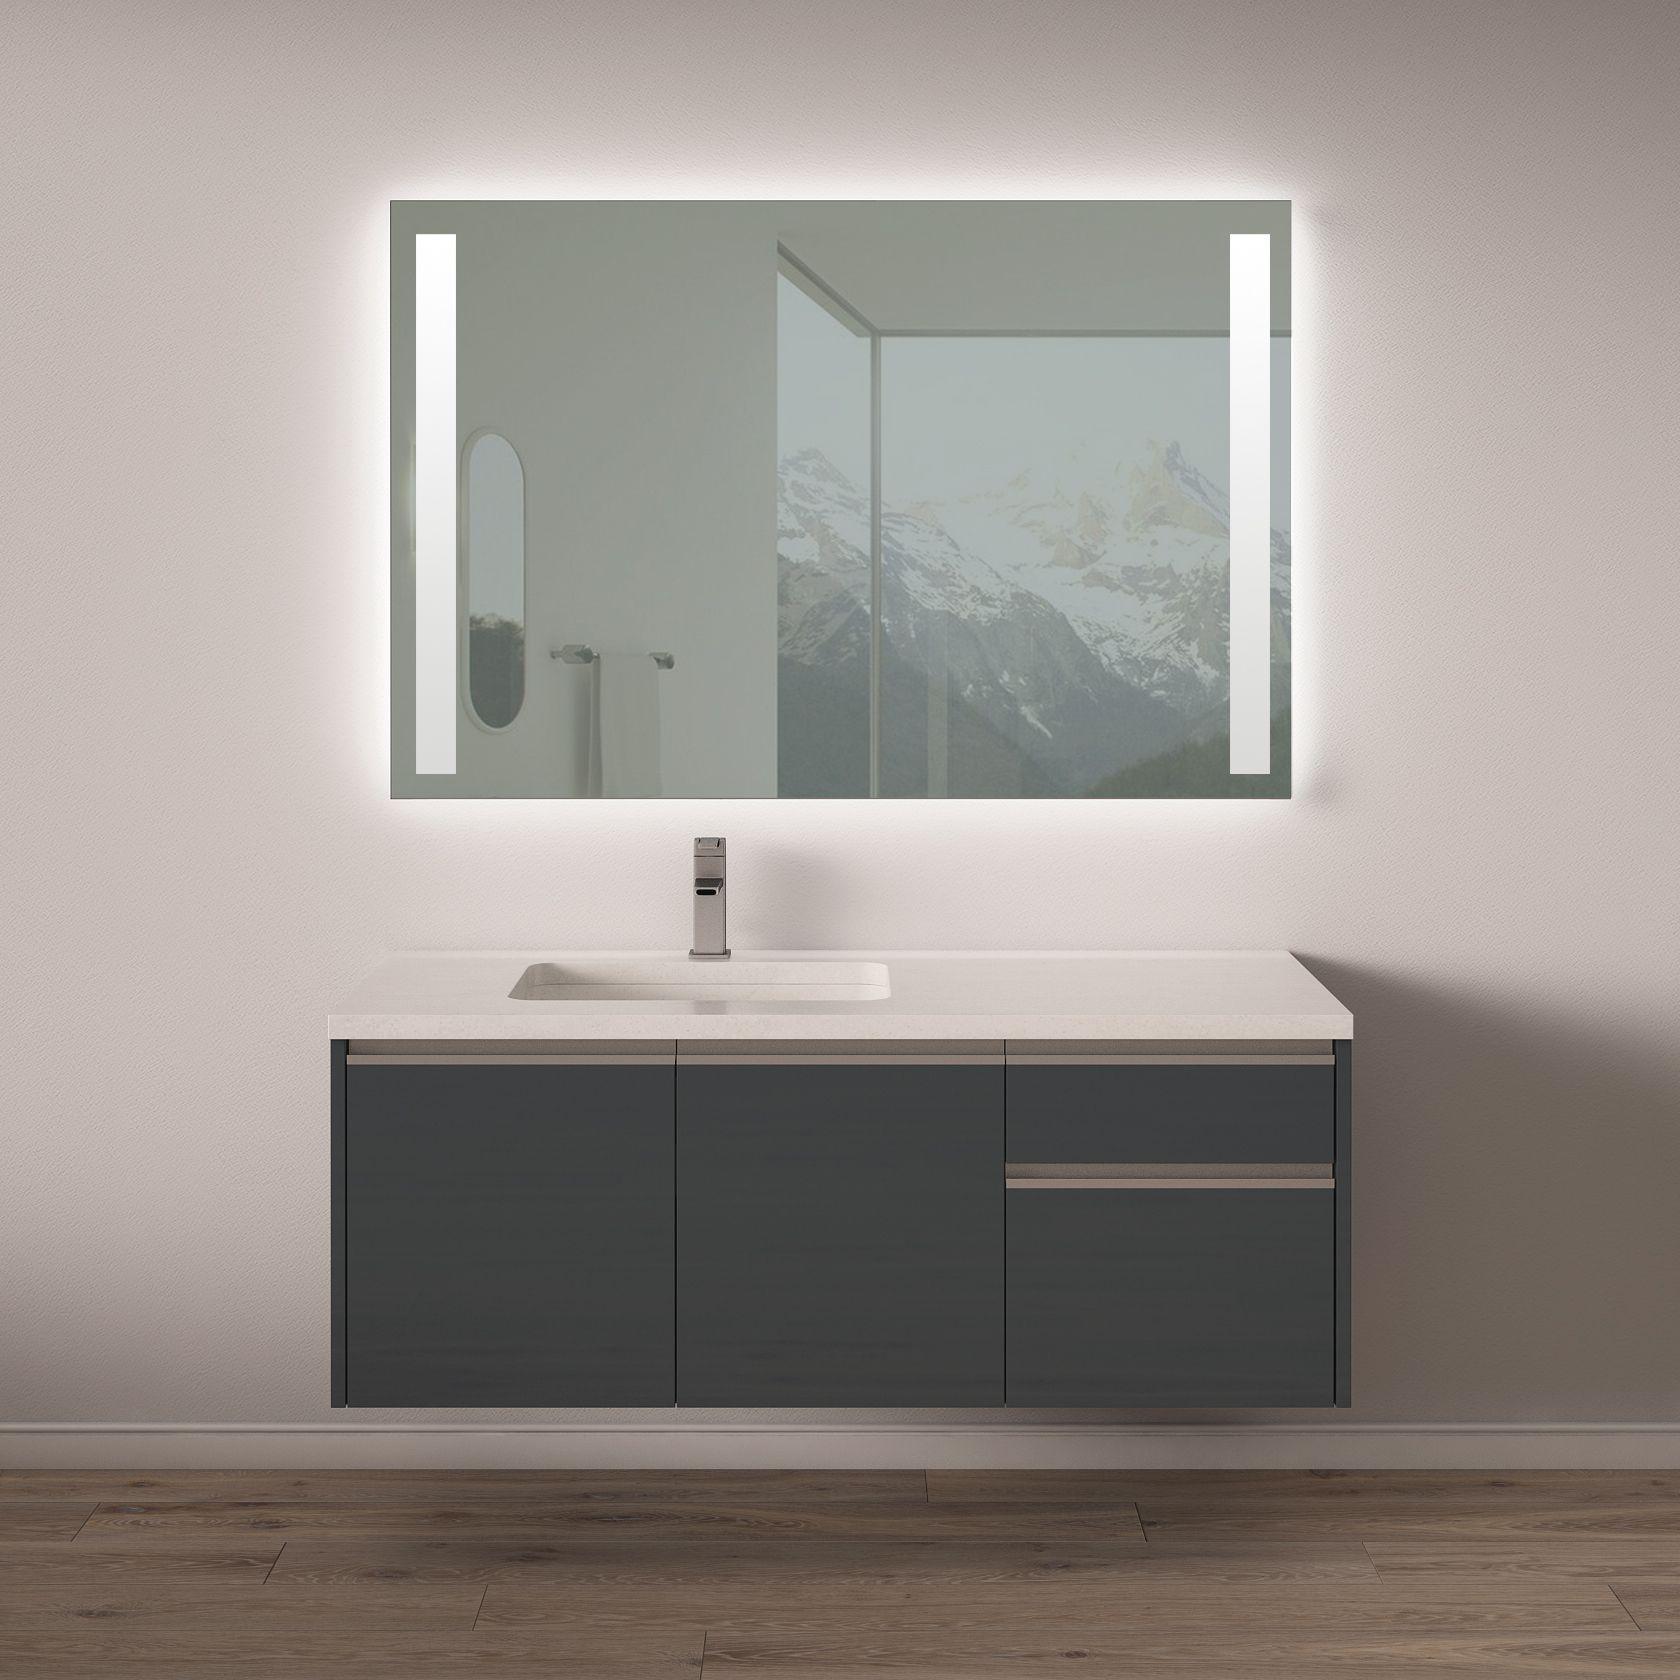 Modern Floating Bathroom Vanity From Hans Krug